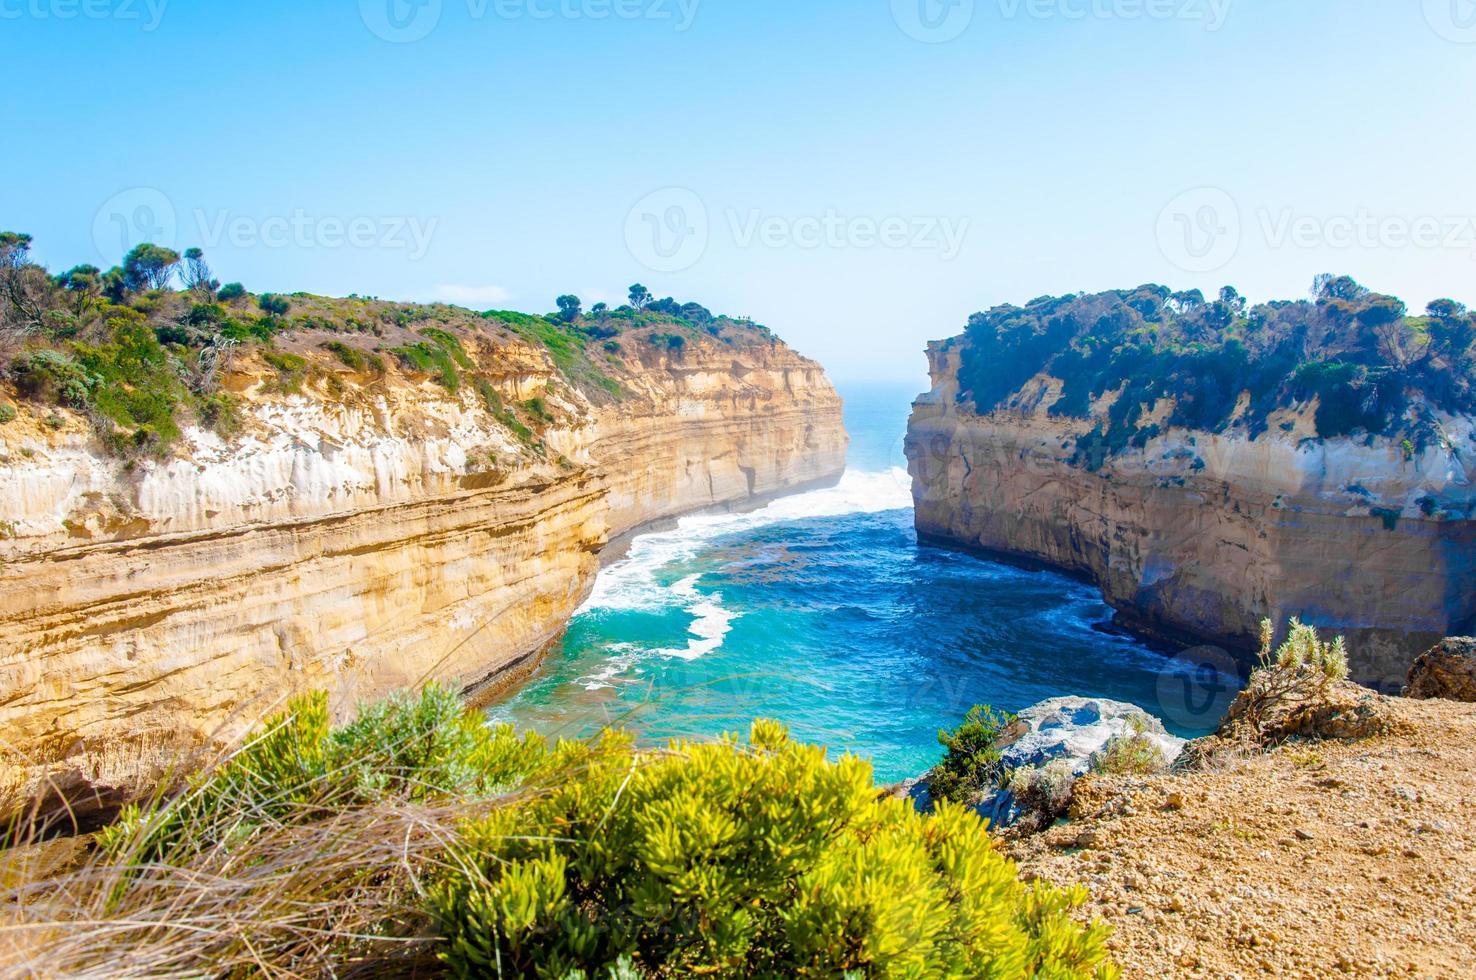 Zwölf Apostel Felsen durch große Ozeanstraße in Victoria, Australien foto